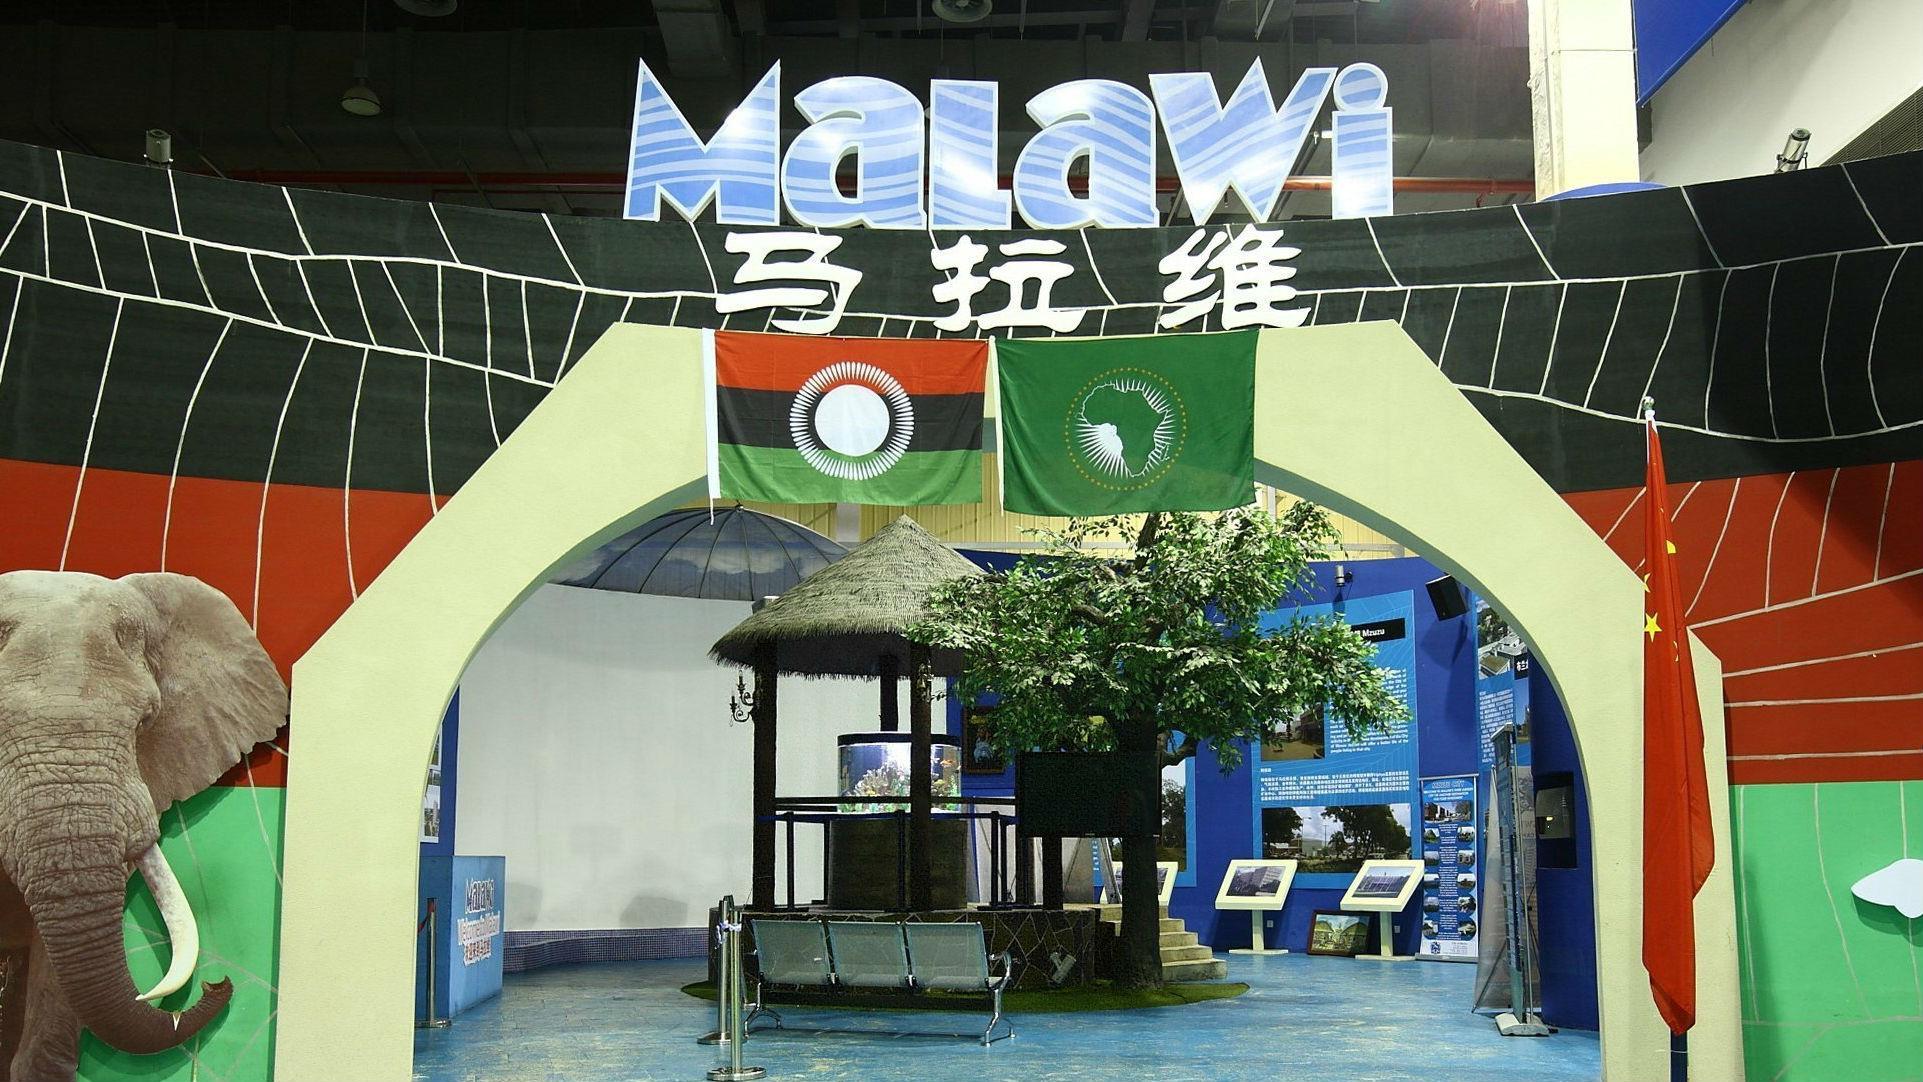 法媒称马拉维人掀学汉语热潮:以前优先去英美 现在首选去中国